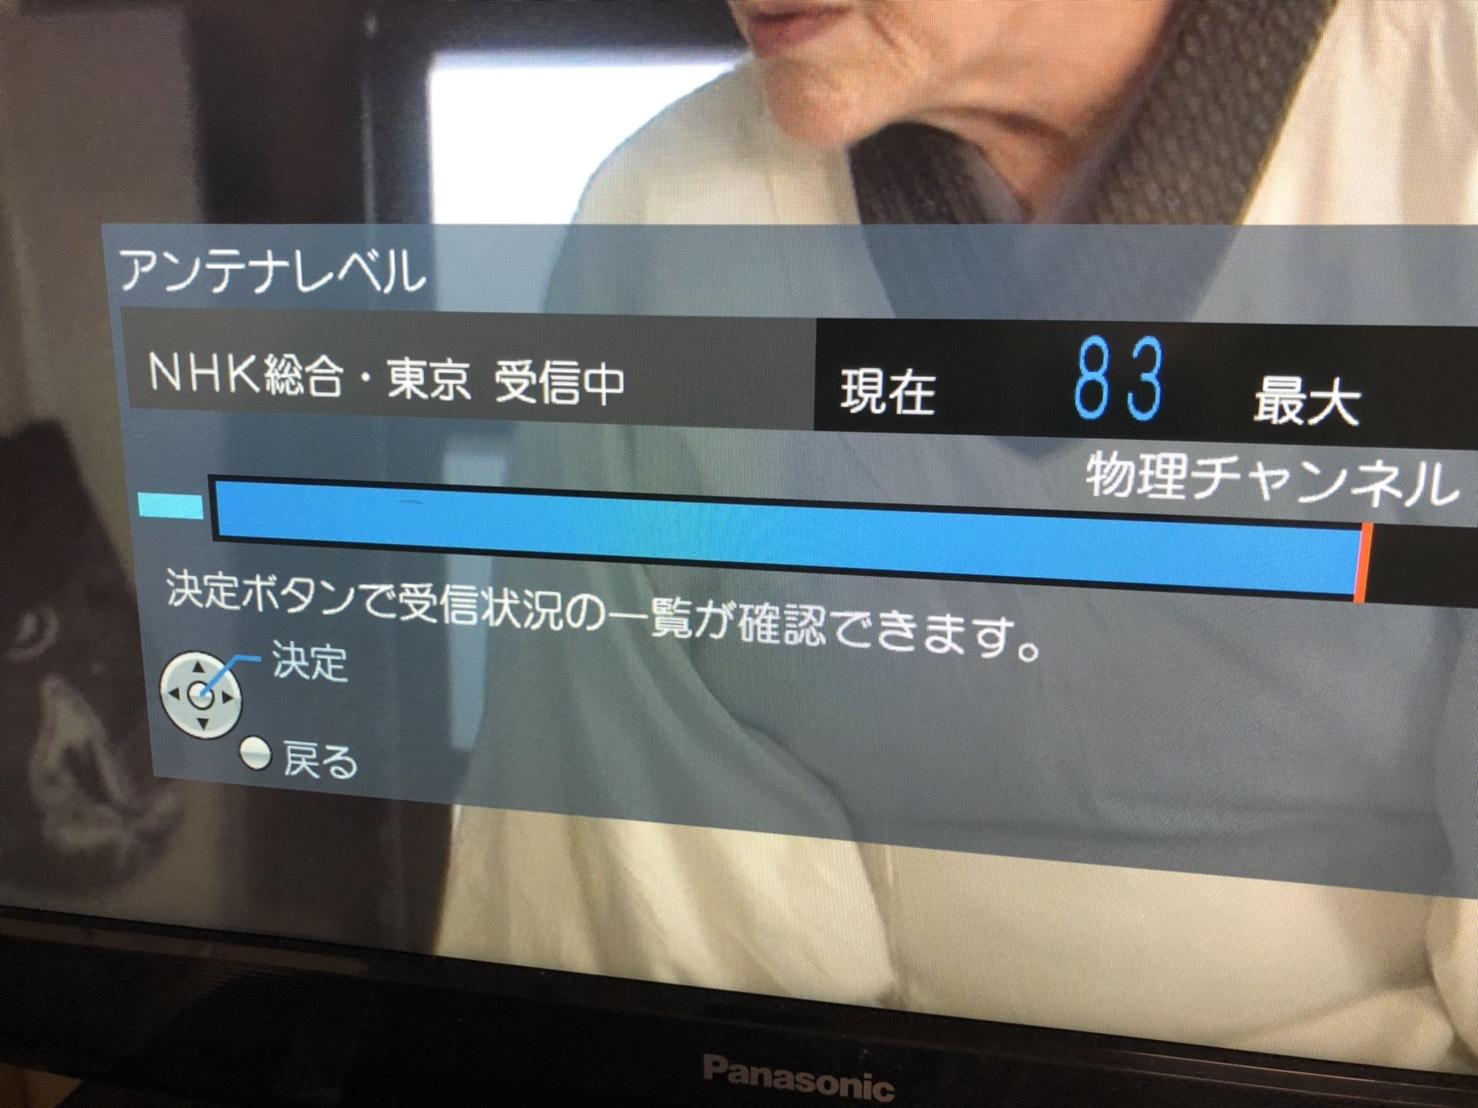 トラブル解決!テレビが映らない原因はアンテナにある!?